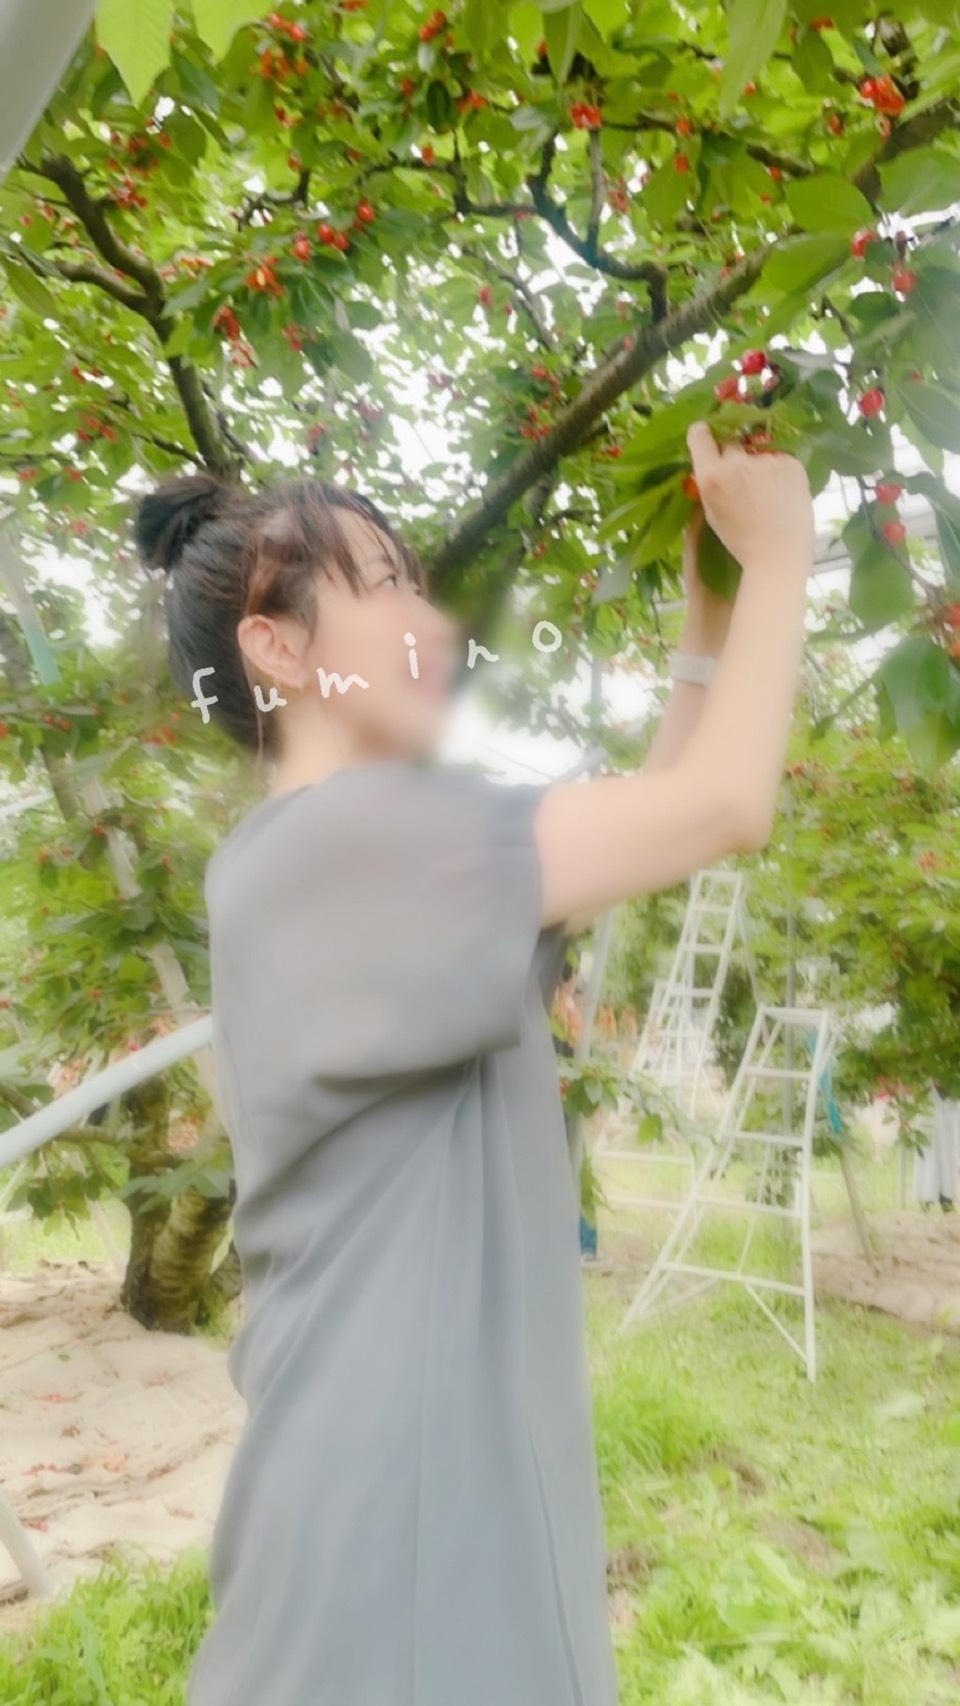 「いがいがするー」06/22日(火) 03:38   ふみのの写メ・風俗動画